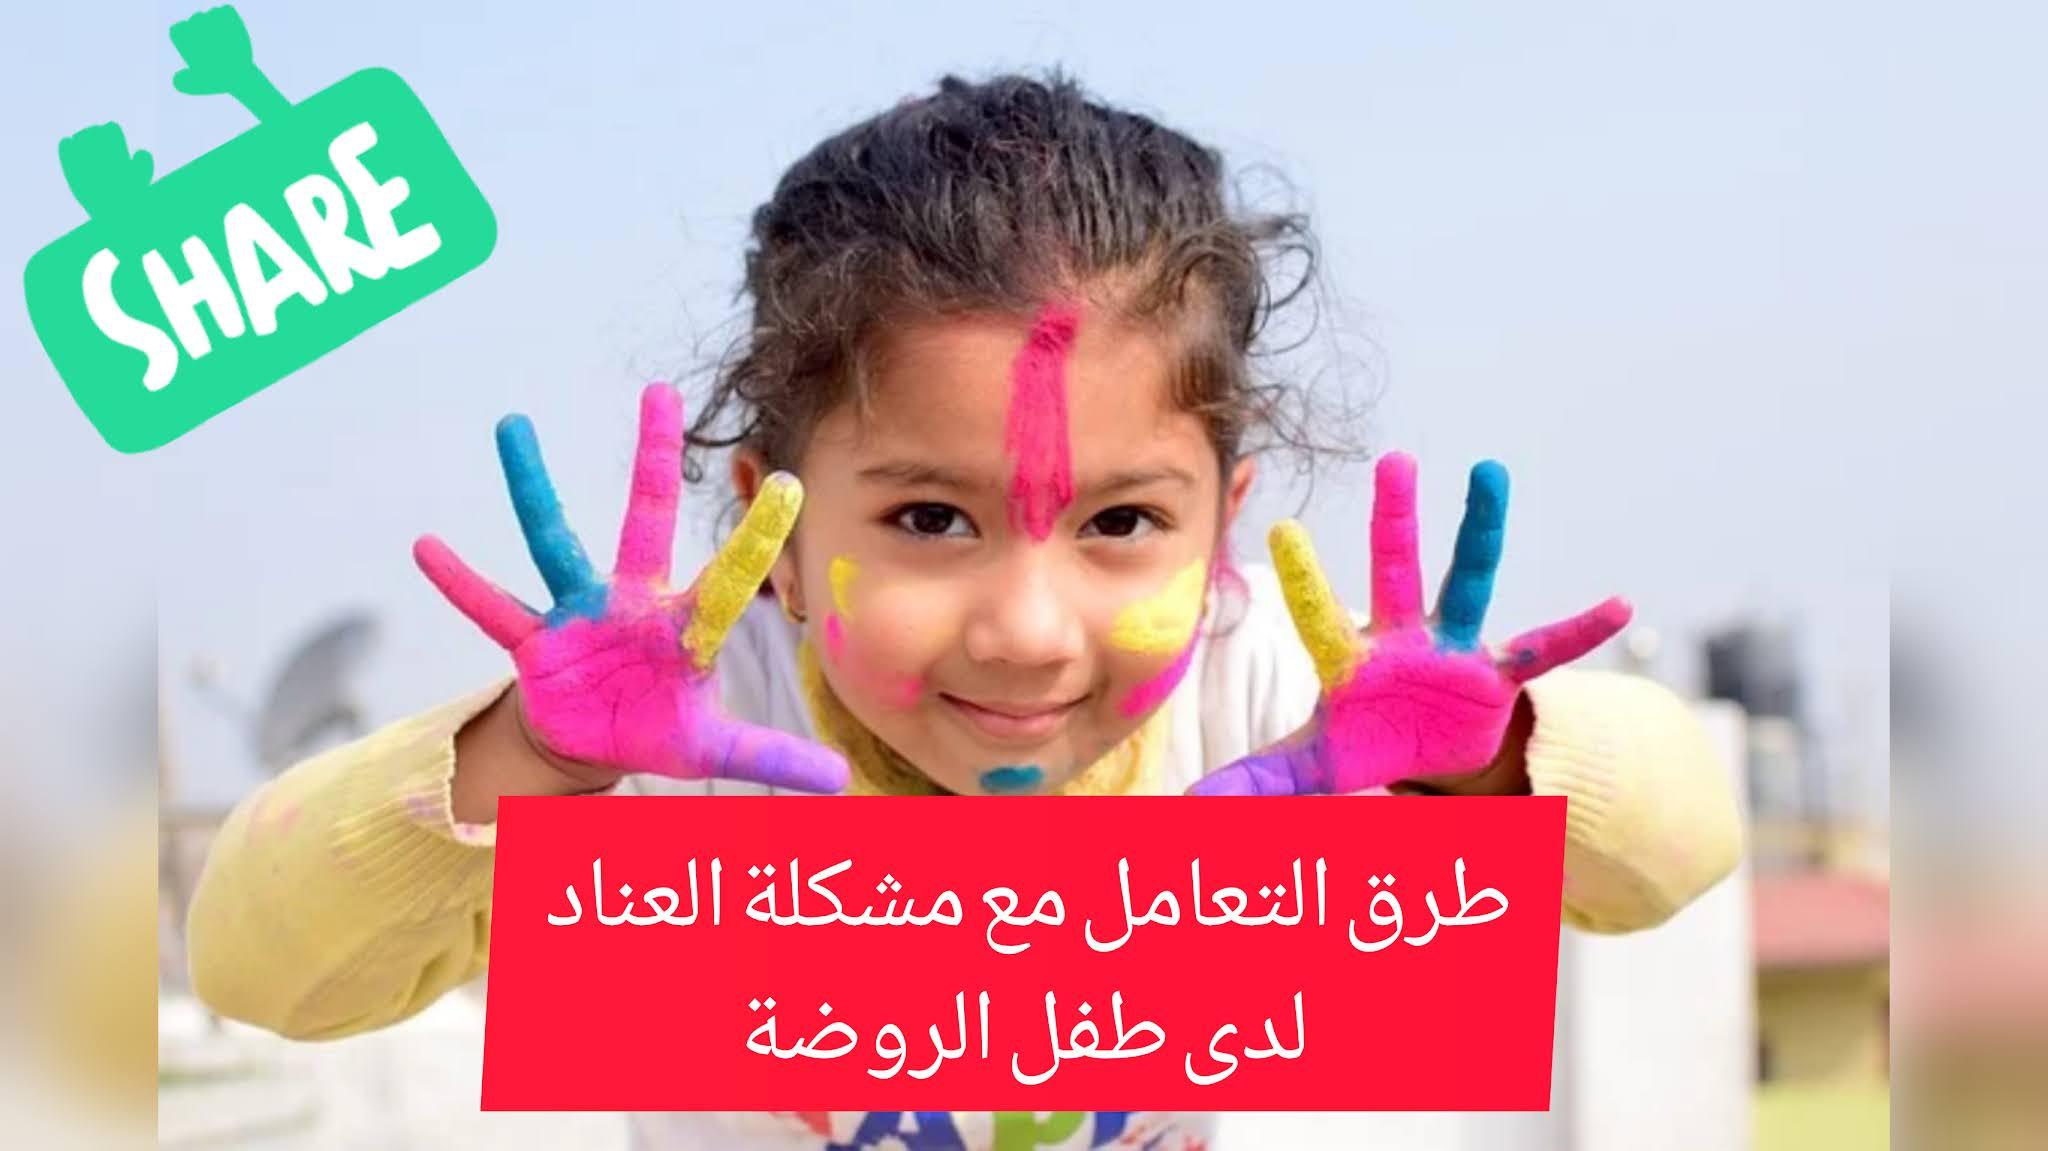 كيفية التعامل مع الطفل العنيد في عمر 5 سنوات,كيفية التعامل مع الطفل العنيد والعصبي في عمر الثلاث سنوات,كيفية التعامل مع الطفل العنيد في عمر 10 سنوات,كيفية التعامل مع الطفل العنيد في عمر 4 سنوات,كيفية التعامل مع الطفل العصبي وكثير البكاء,كيفية التعامل مع الطفل الحركي والعنيد,تعديل سلوك الطفل العنيد والعصبي,عقاب الطفل العنيد